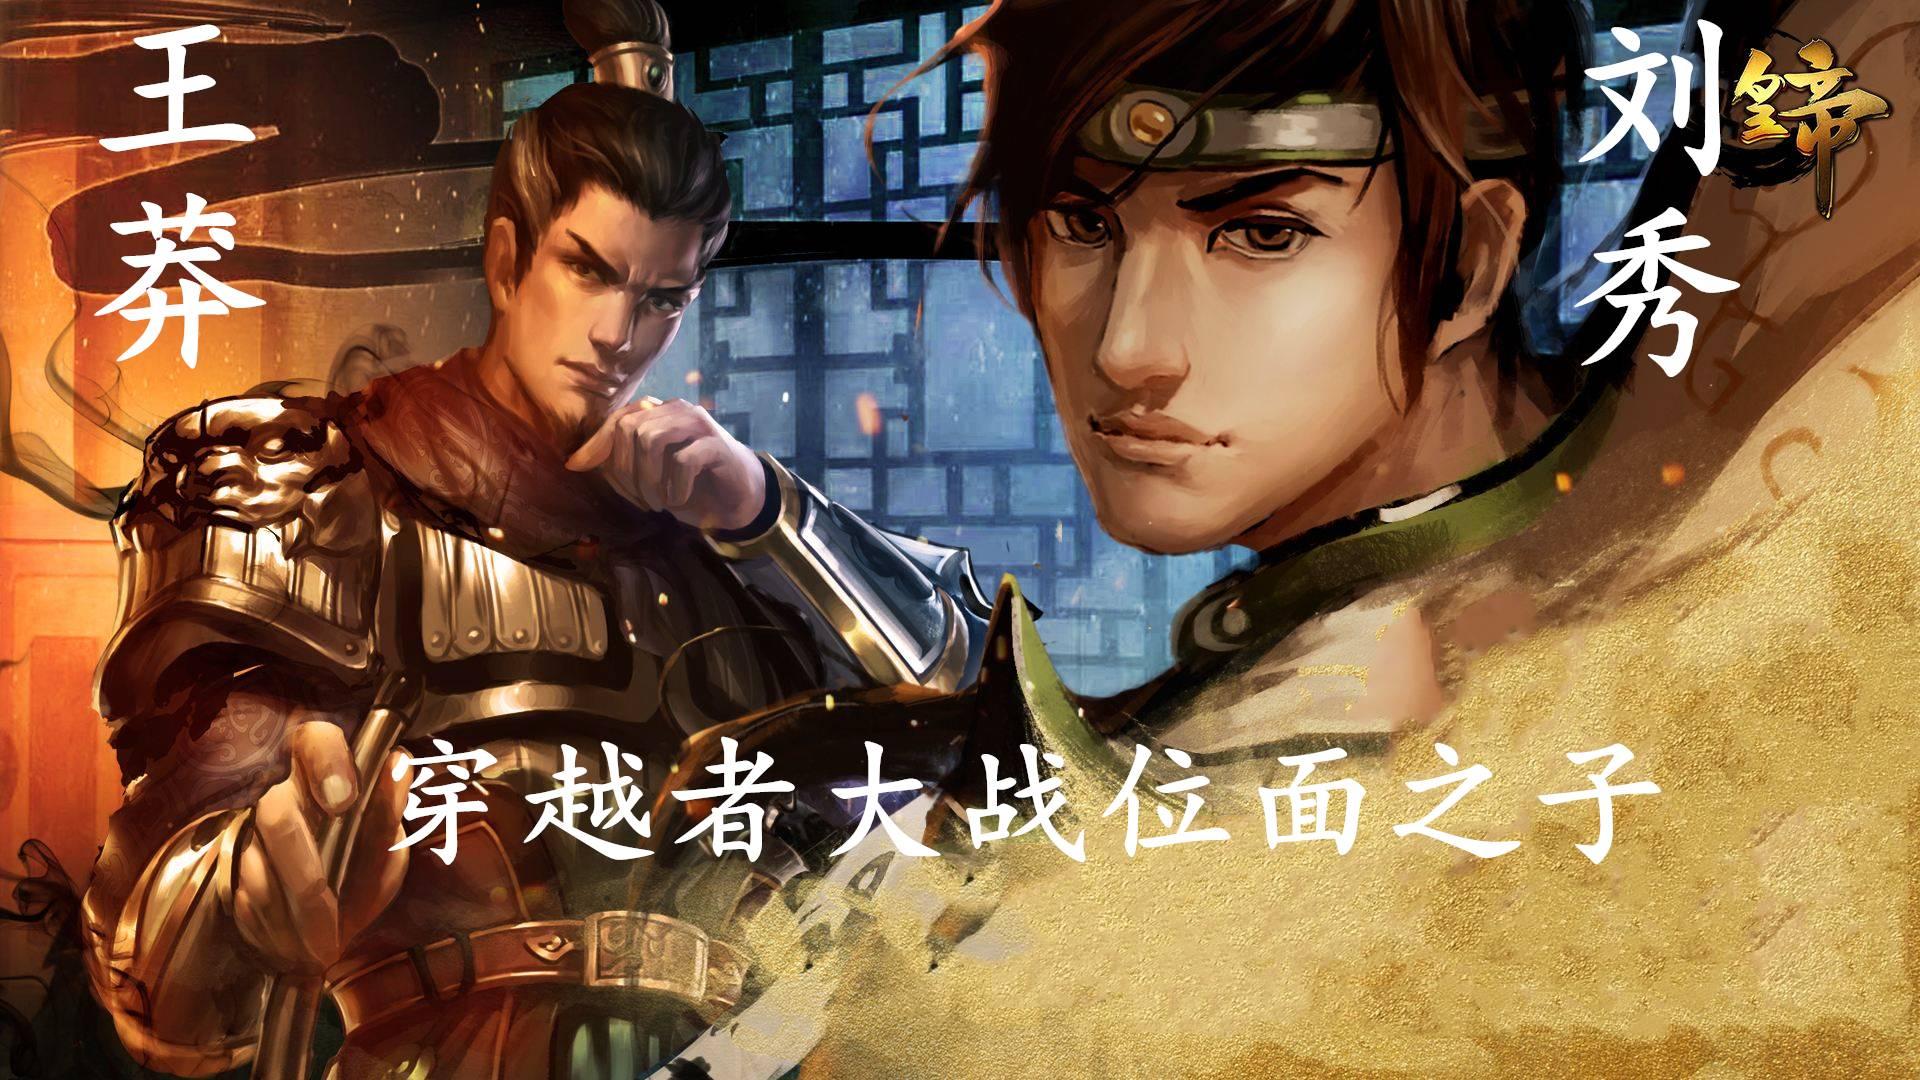 中国神话宇宙!穿越者王莽大战位面之子刘秀!